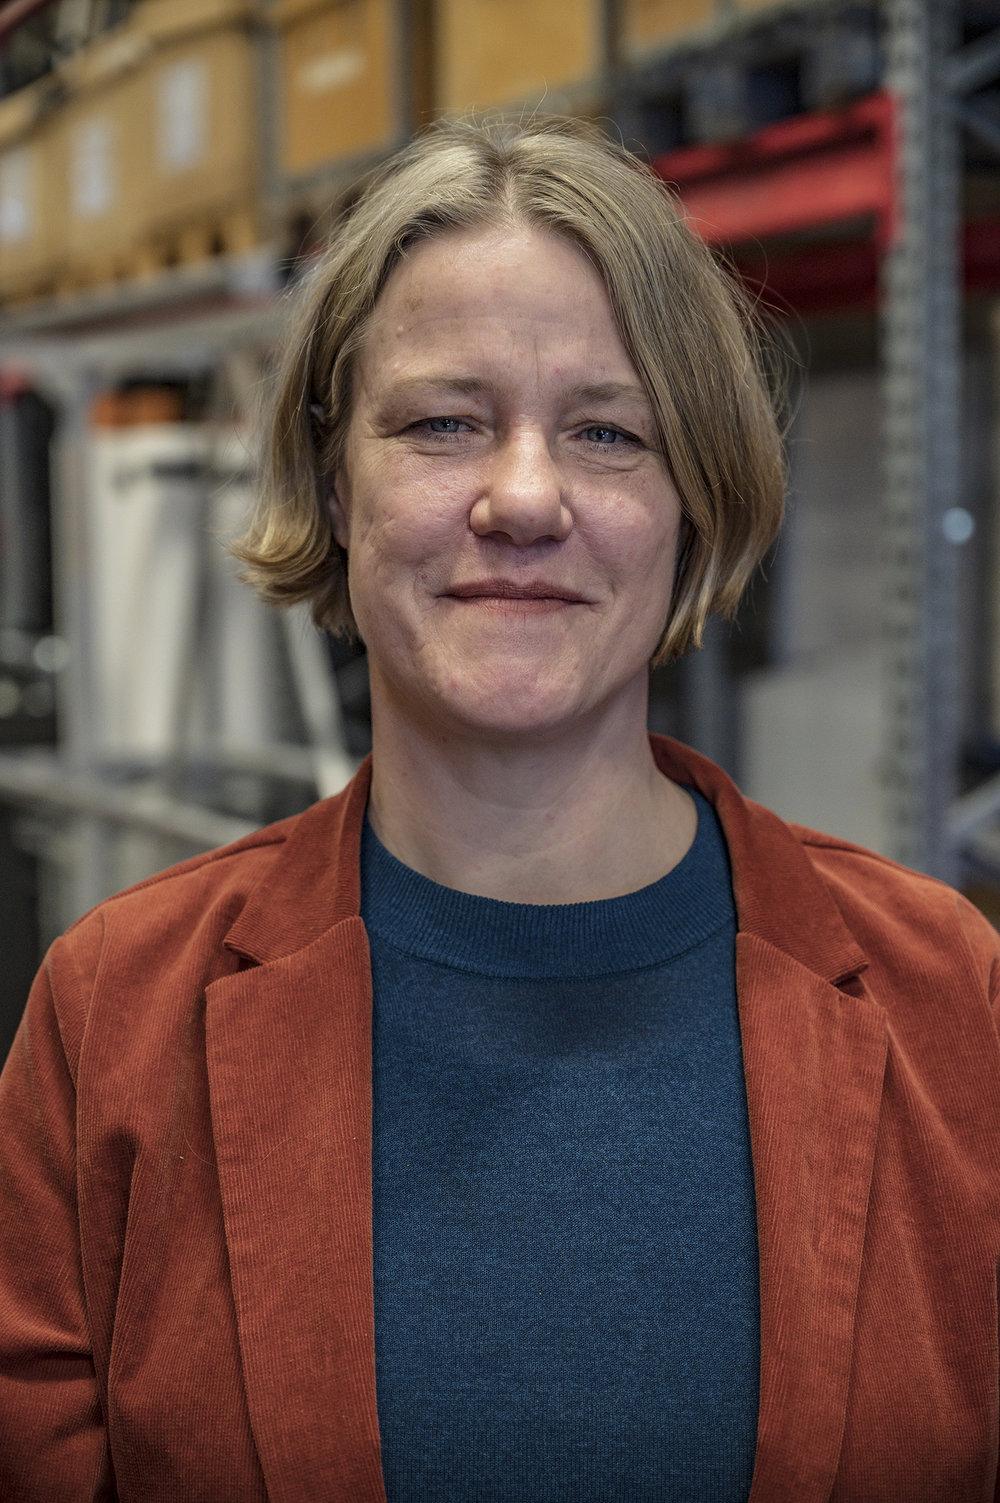 Vi måste våga lita på våra ögon och den specialistkunskap vi har, vi måste lita på det vi ser, menar Anna Wemmert Clausen, ljusdesigner scenkonst.